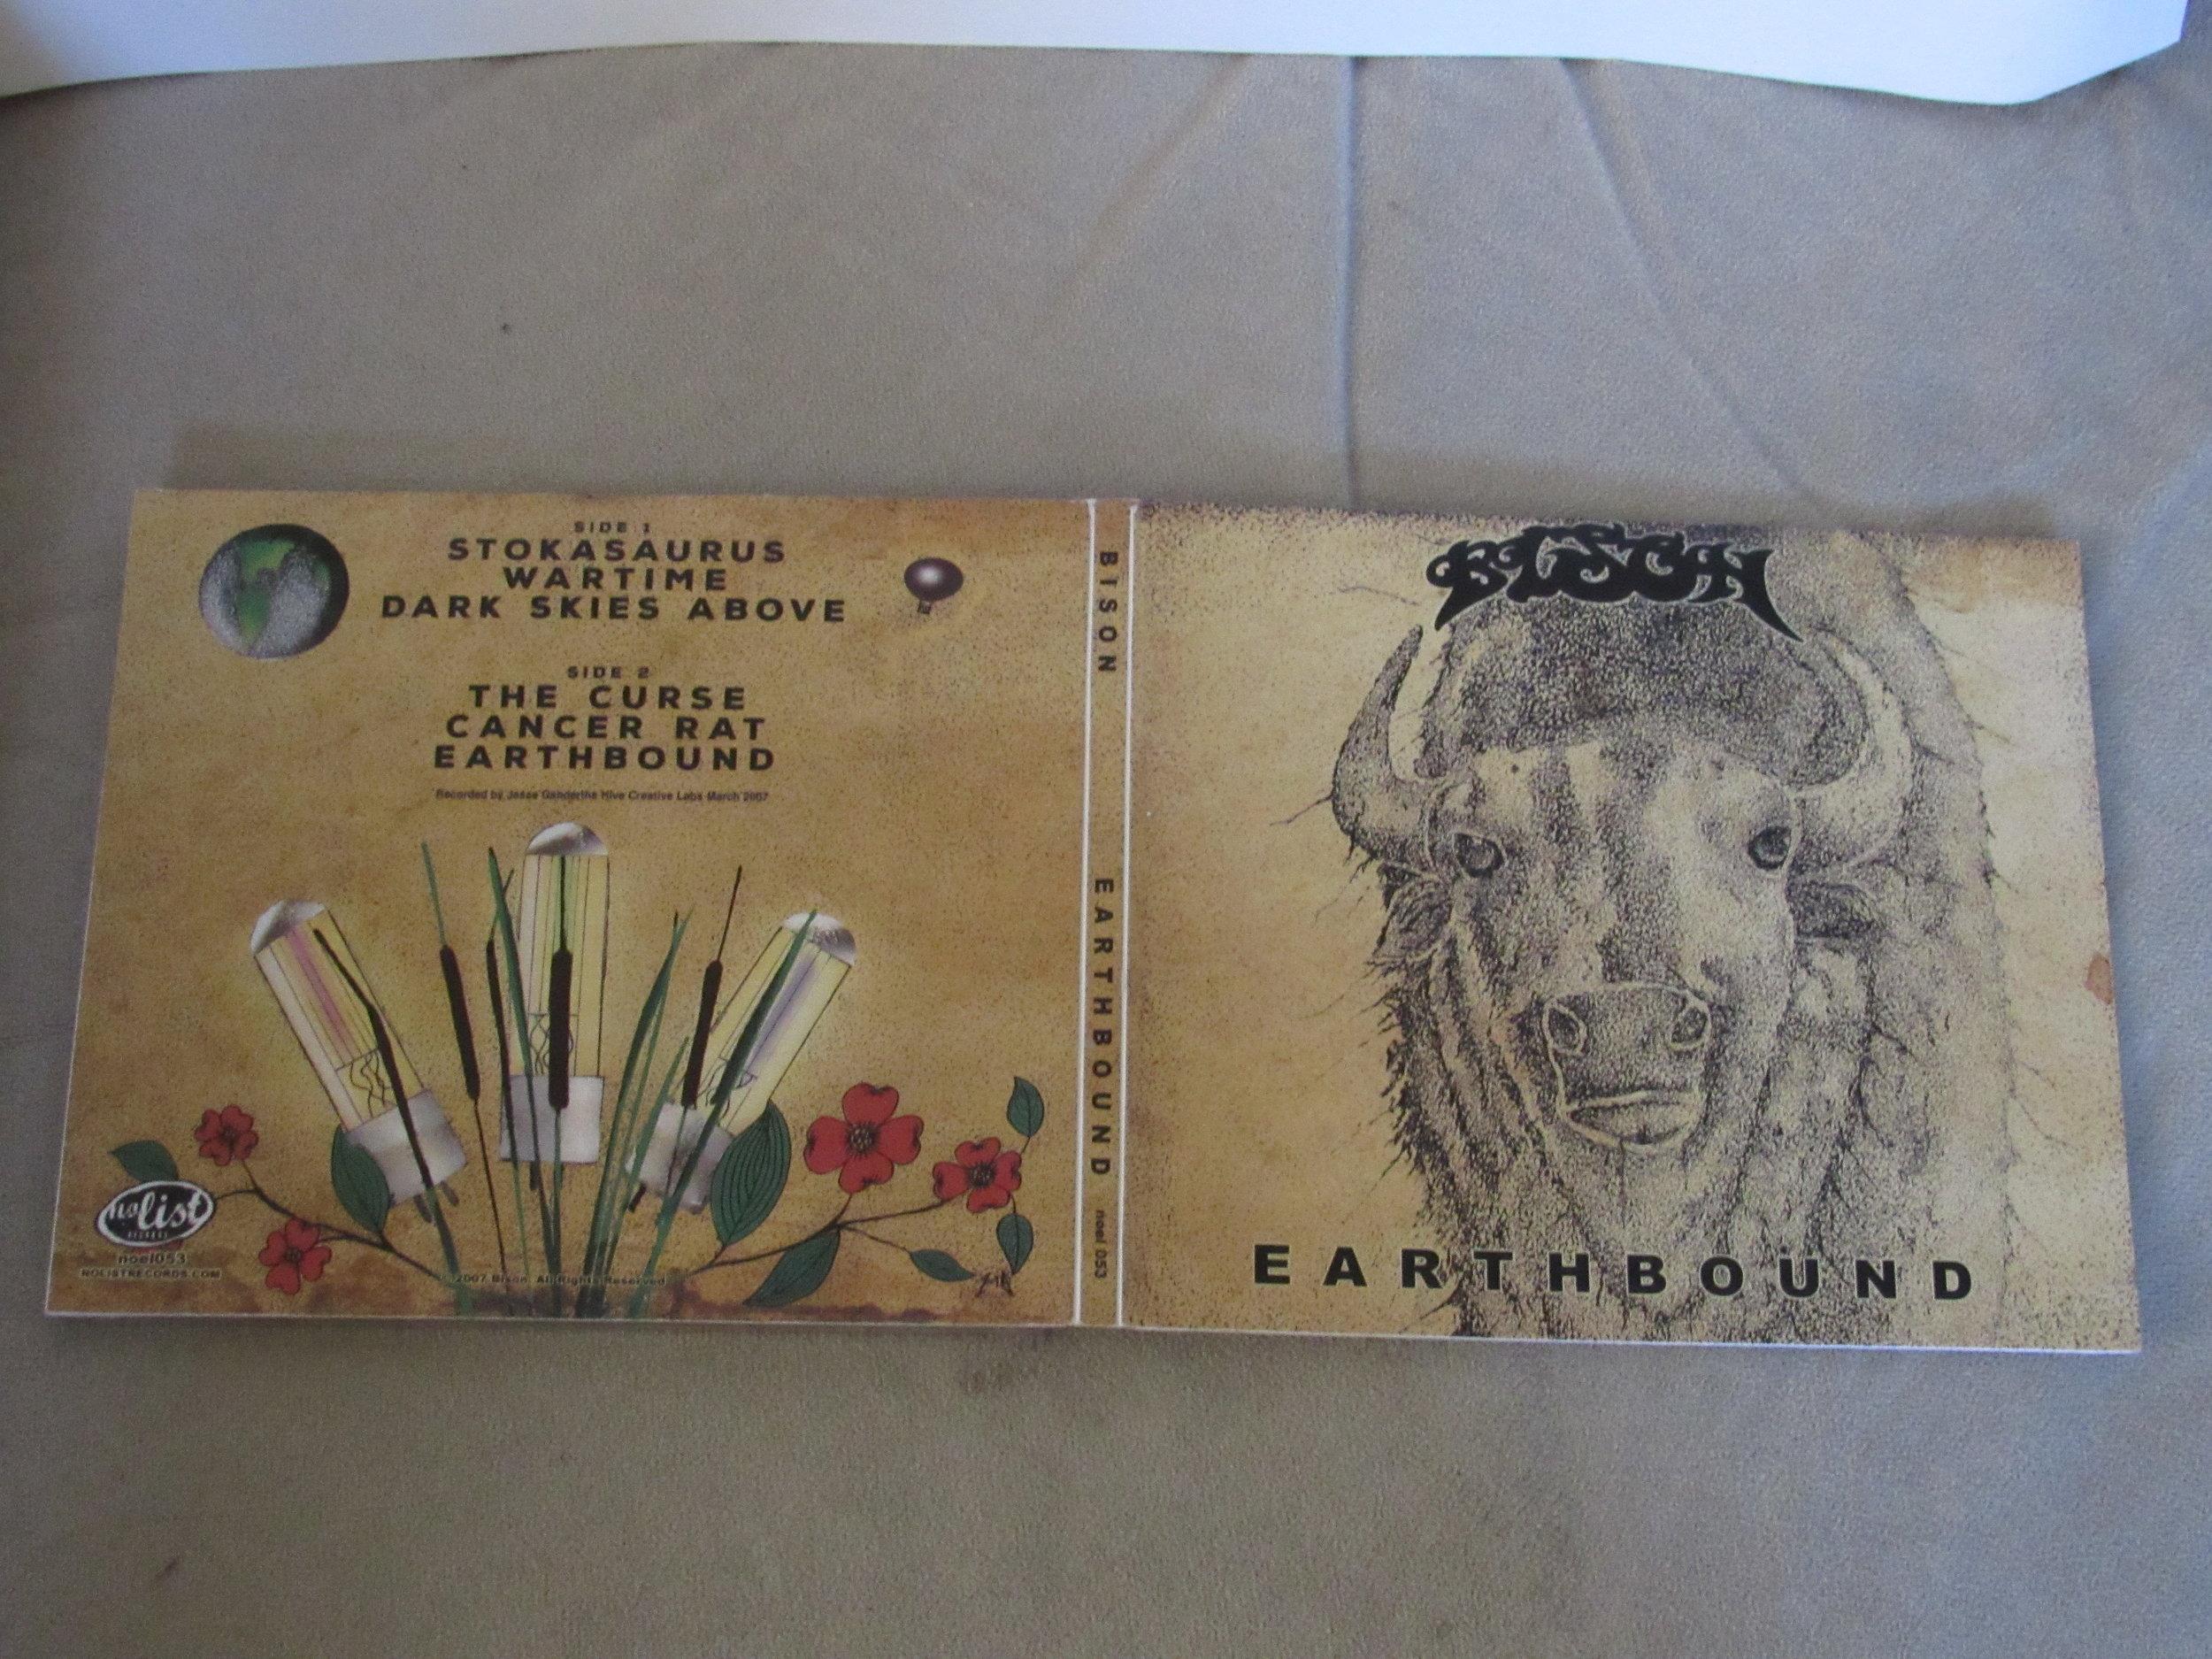 noel053 - Earthbound CD cover